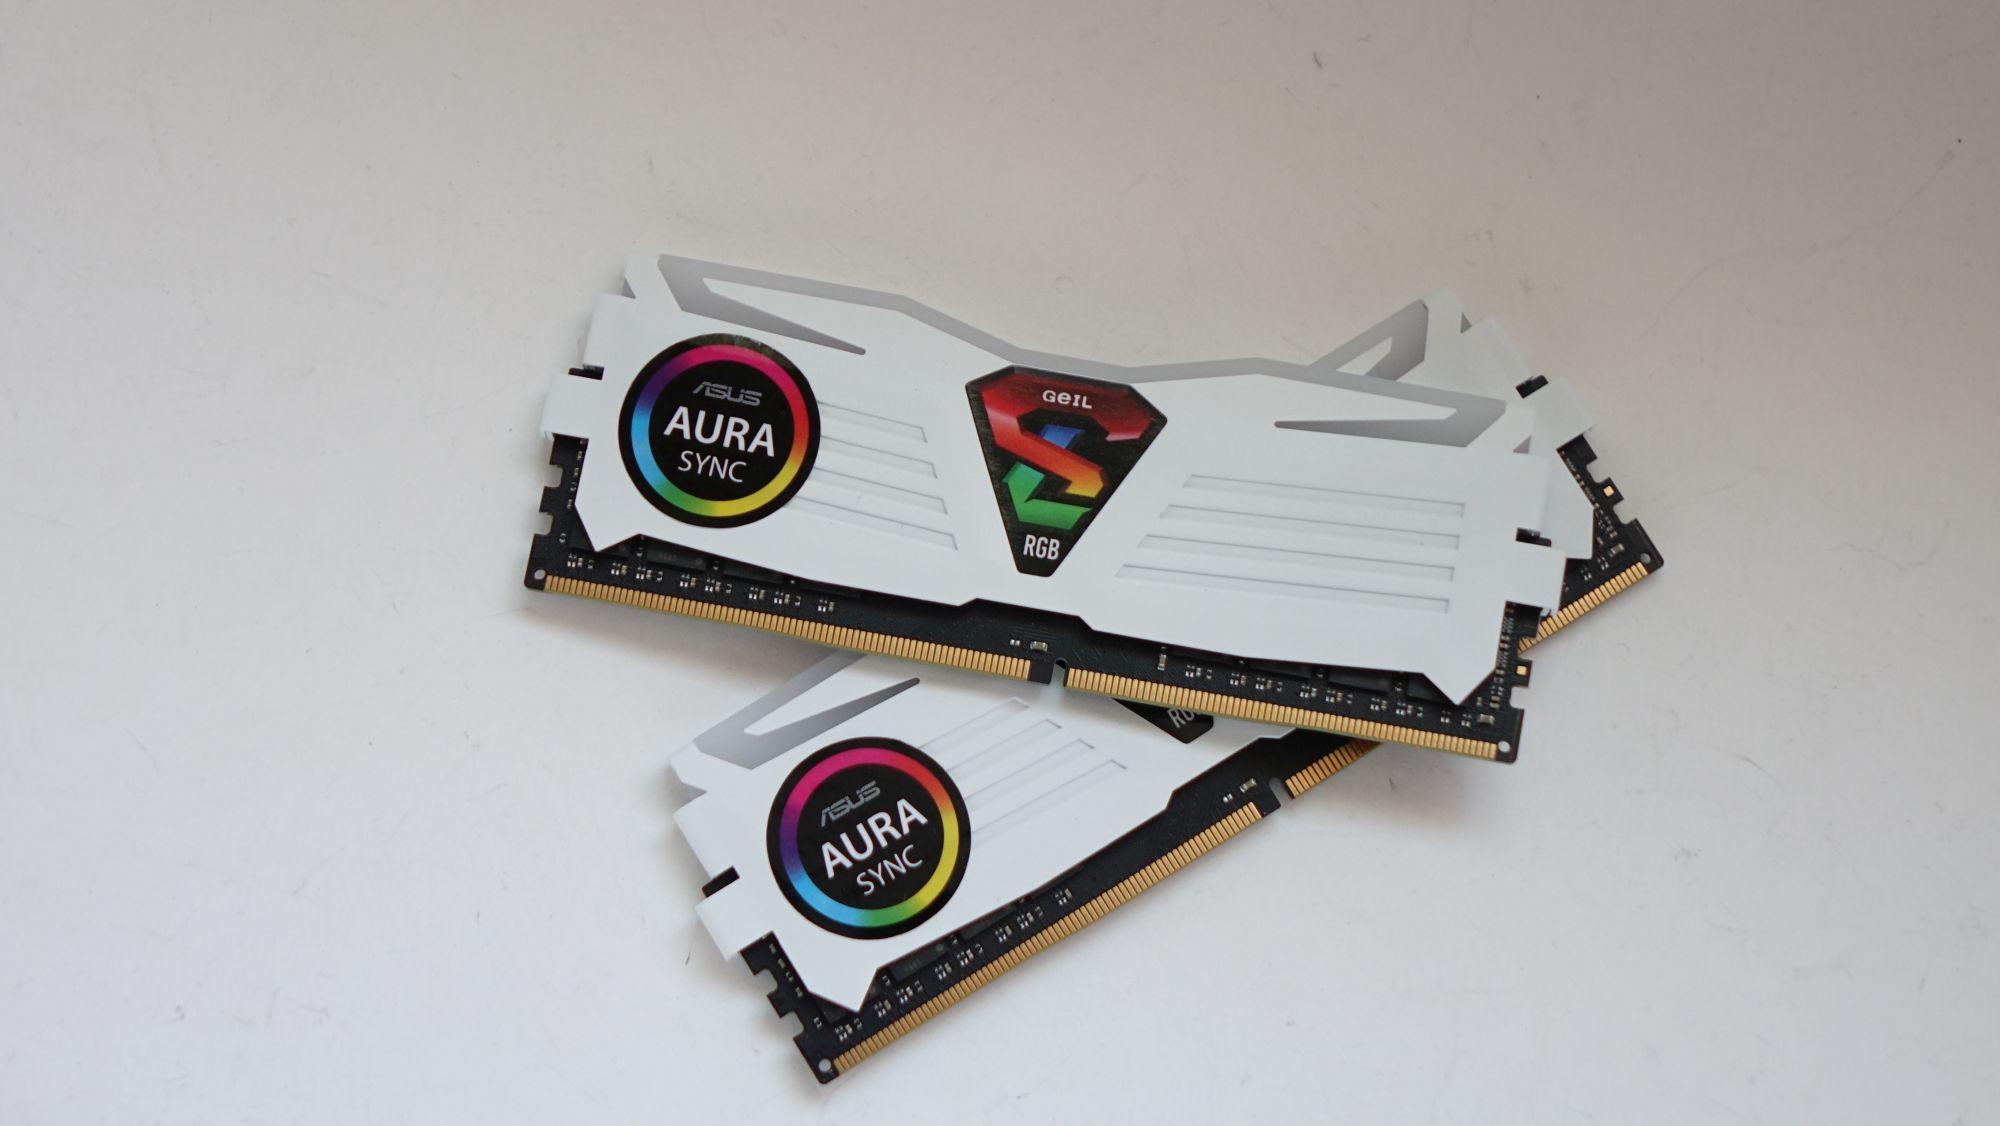 GLWS416GB2400C16DC